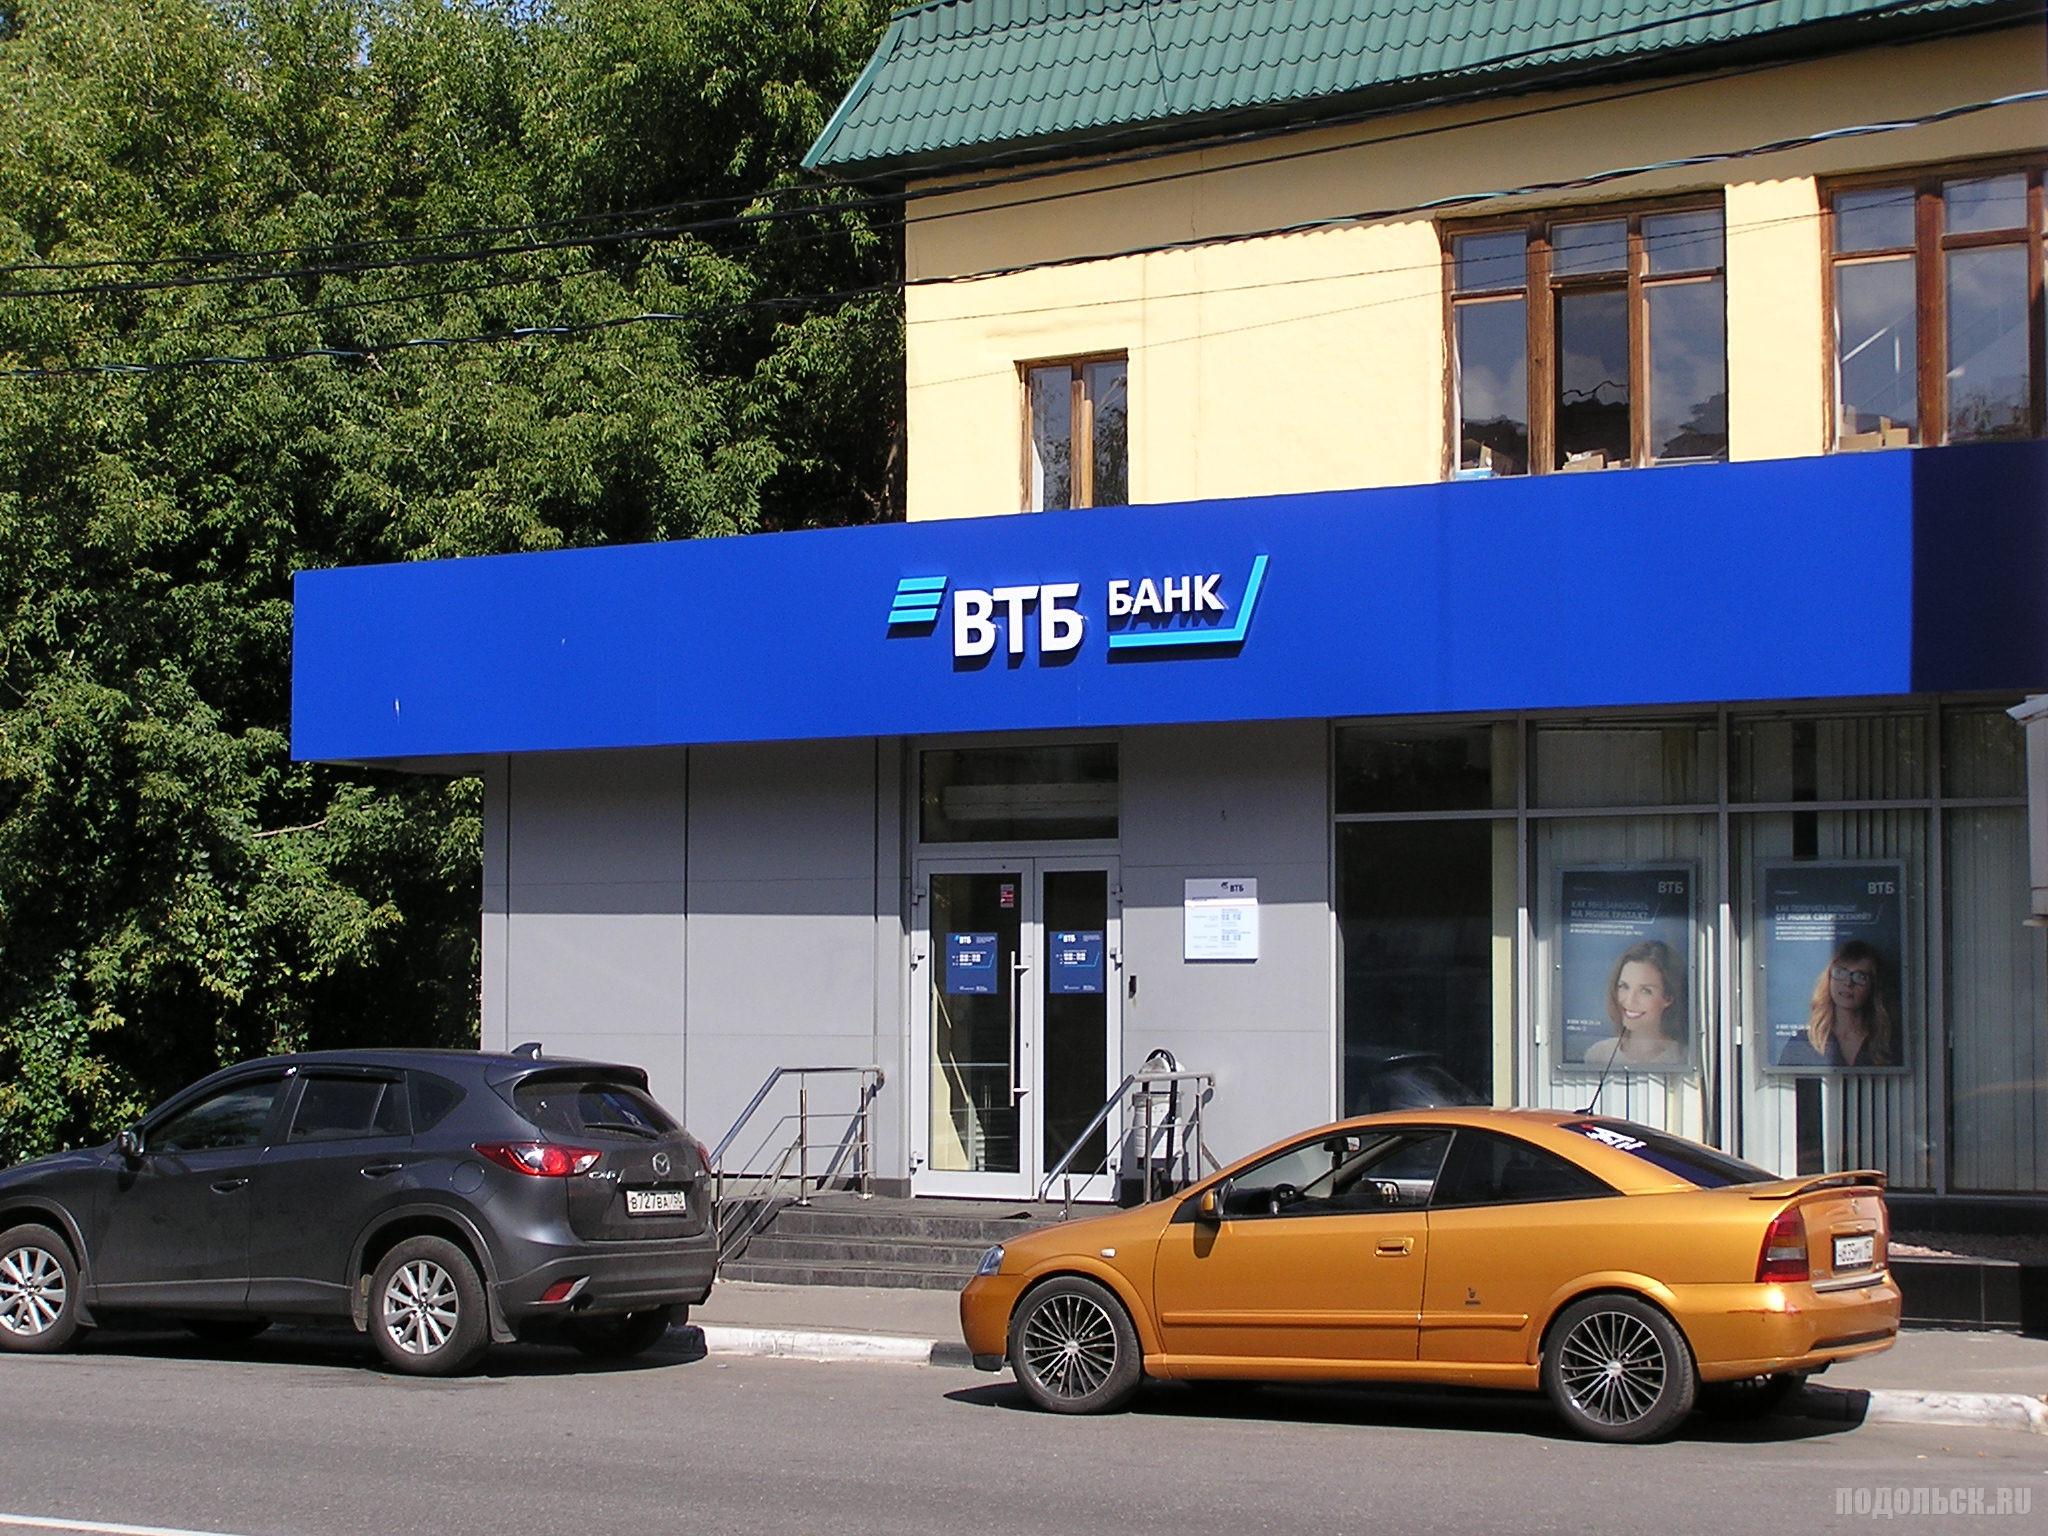 ВТБ Банк Подольск, Ревпроспект. 18.08.2018